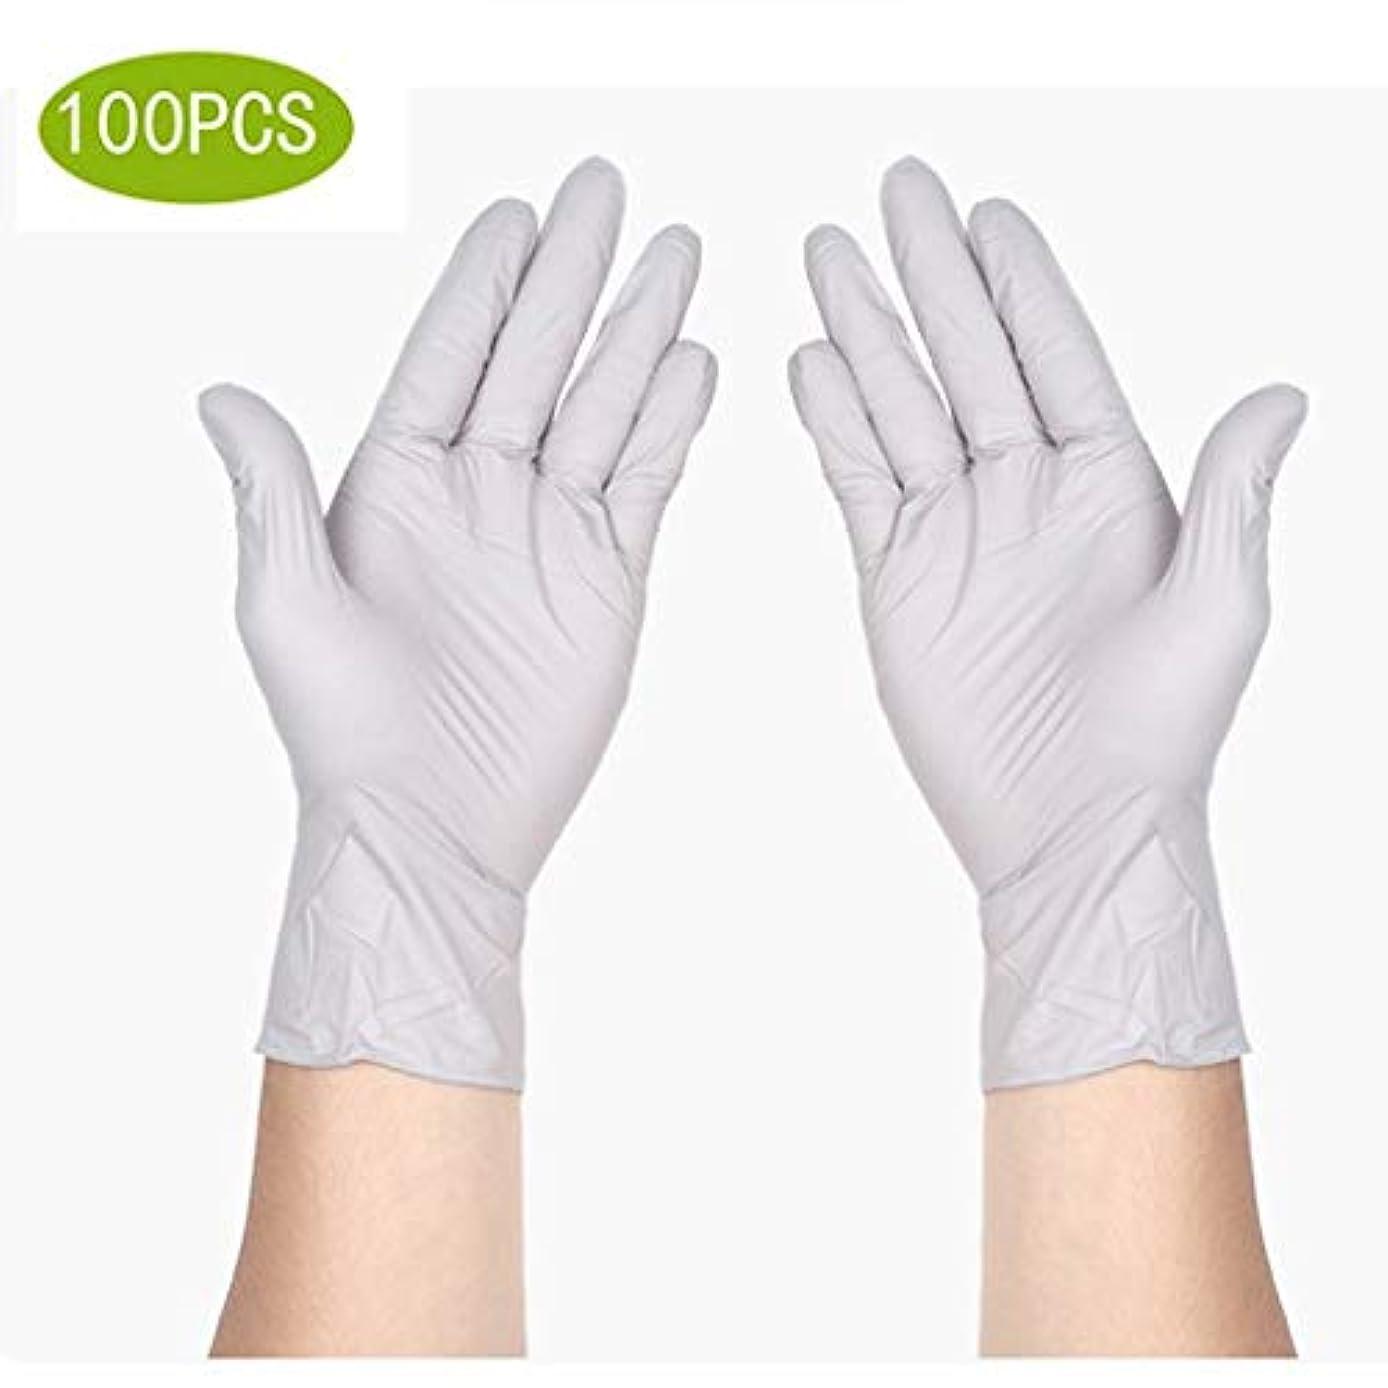 うぬぼれ太字反発サニタリー手袋ニトリル医療グレード試験用手袋、使い捨て、ラテックスフリー、100カウント滅菌使い捨て安全手袋 (Size : L)